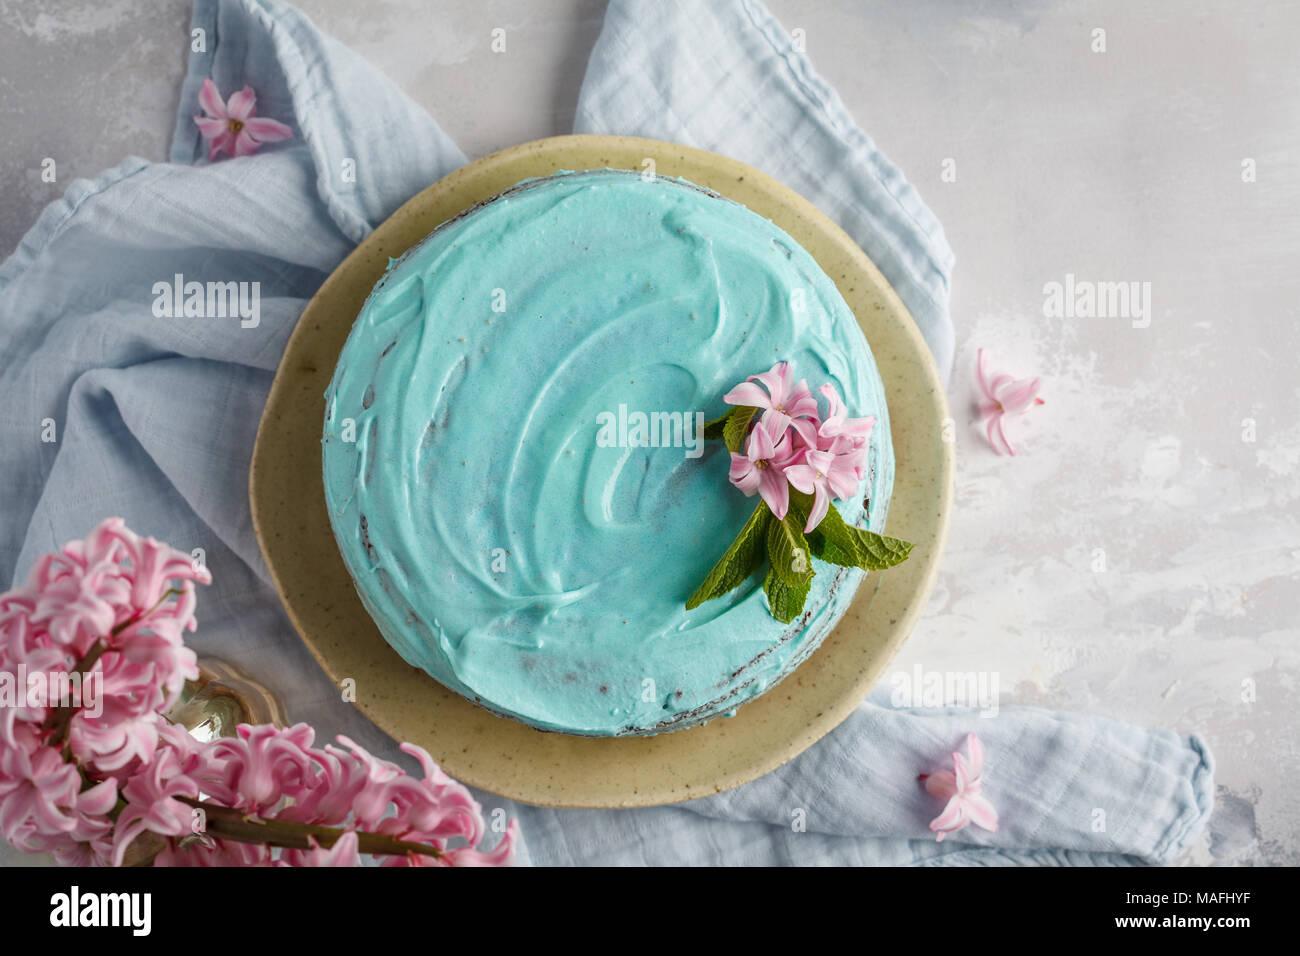 Blau stilvolle Kuchen mit Blumen und Minze. Platz kopieren, Ansicht von oben. Stockbild